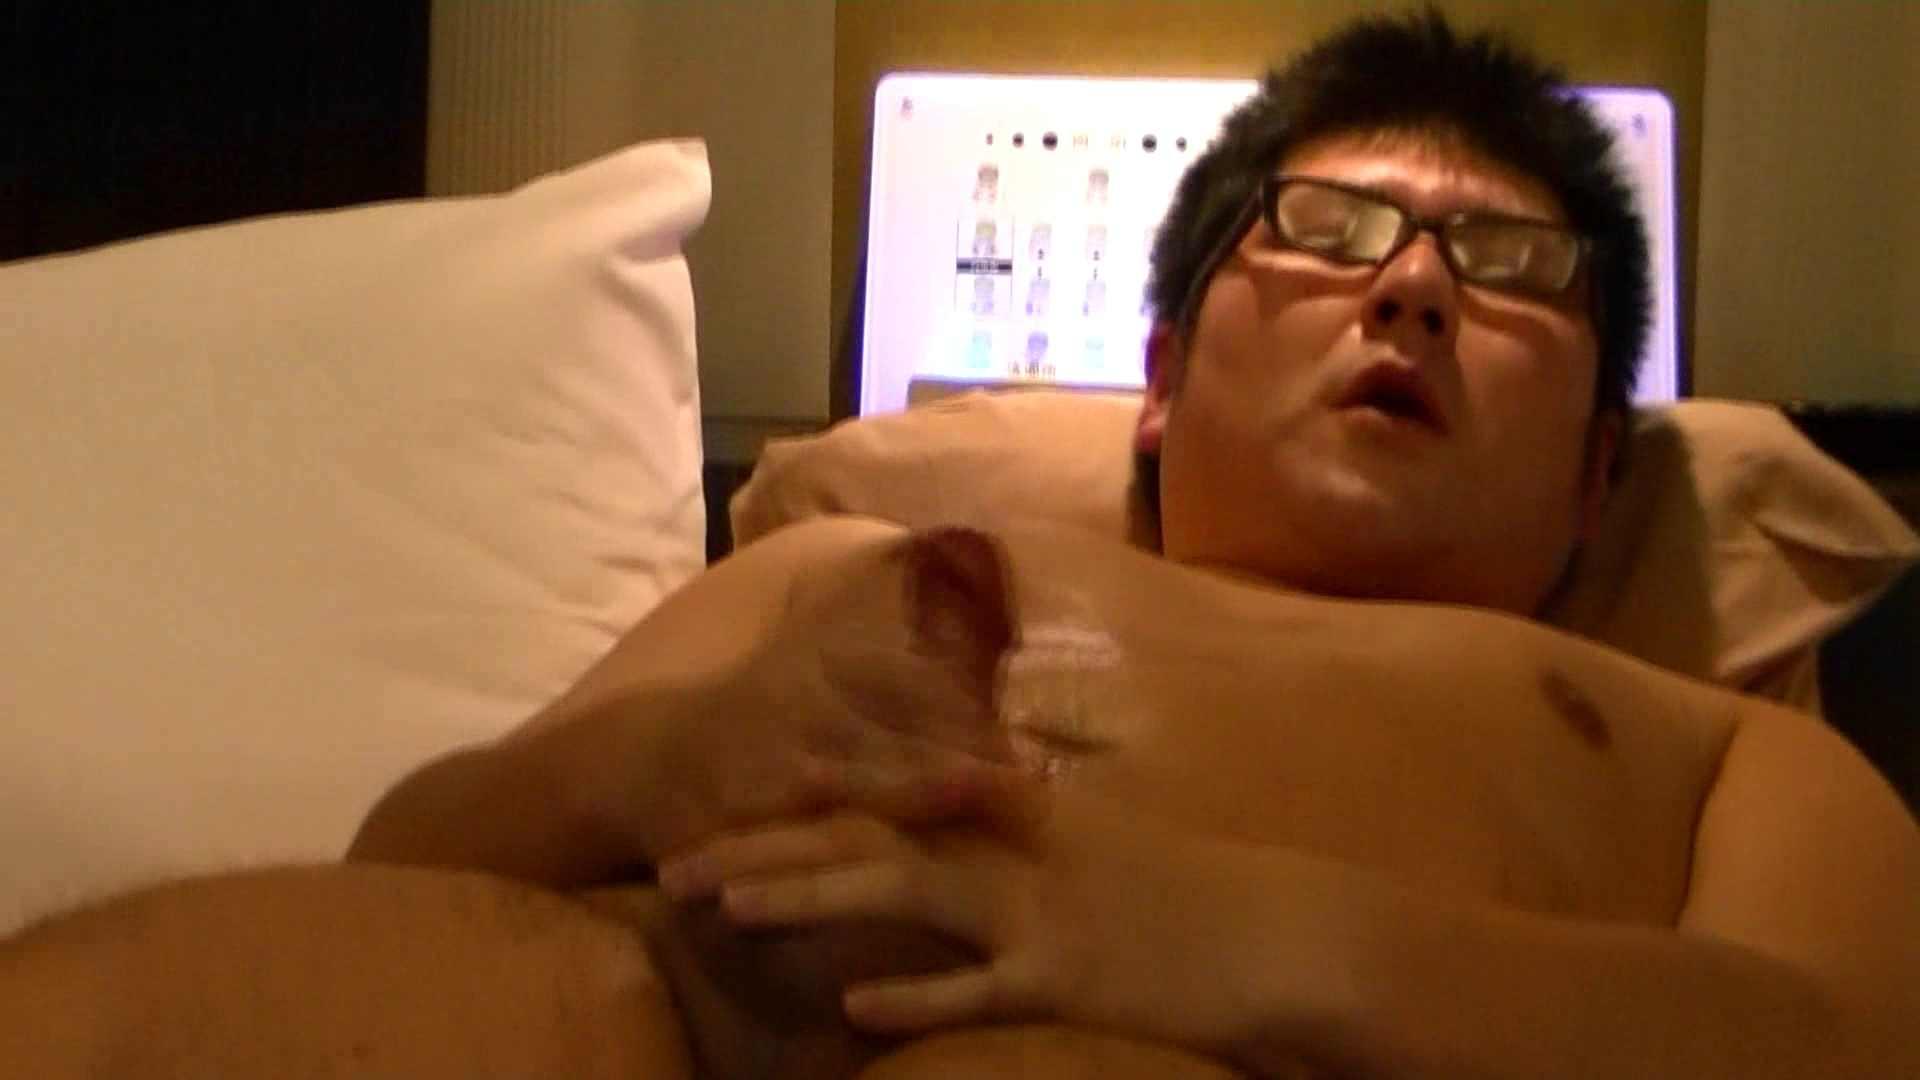 Mr.オナックスさん投稿!HD 貴方のオナニー三万円で撮影させてください。VOL.03 後編 ローション使って〜 ゲイセックス画像 106枚 94